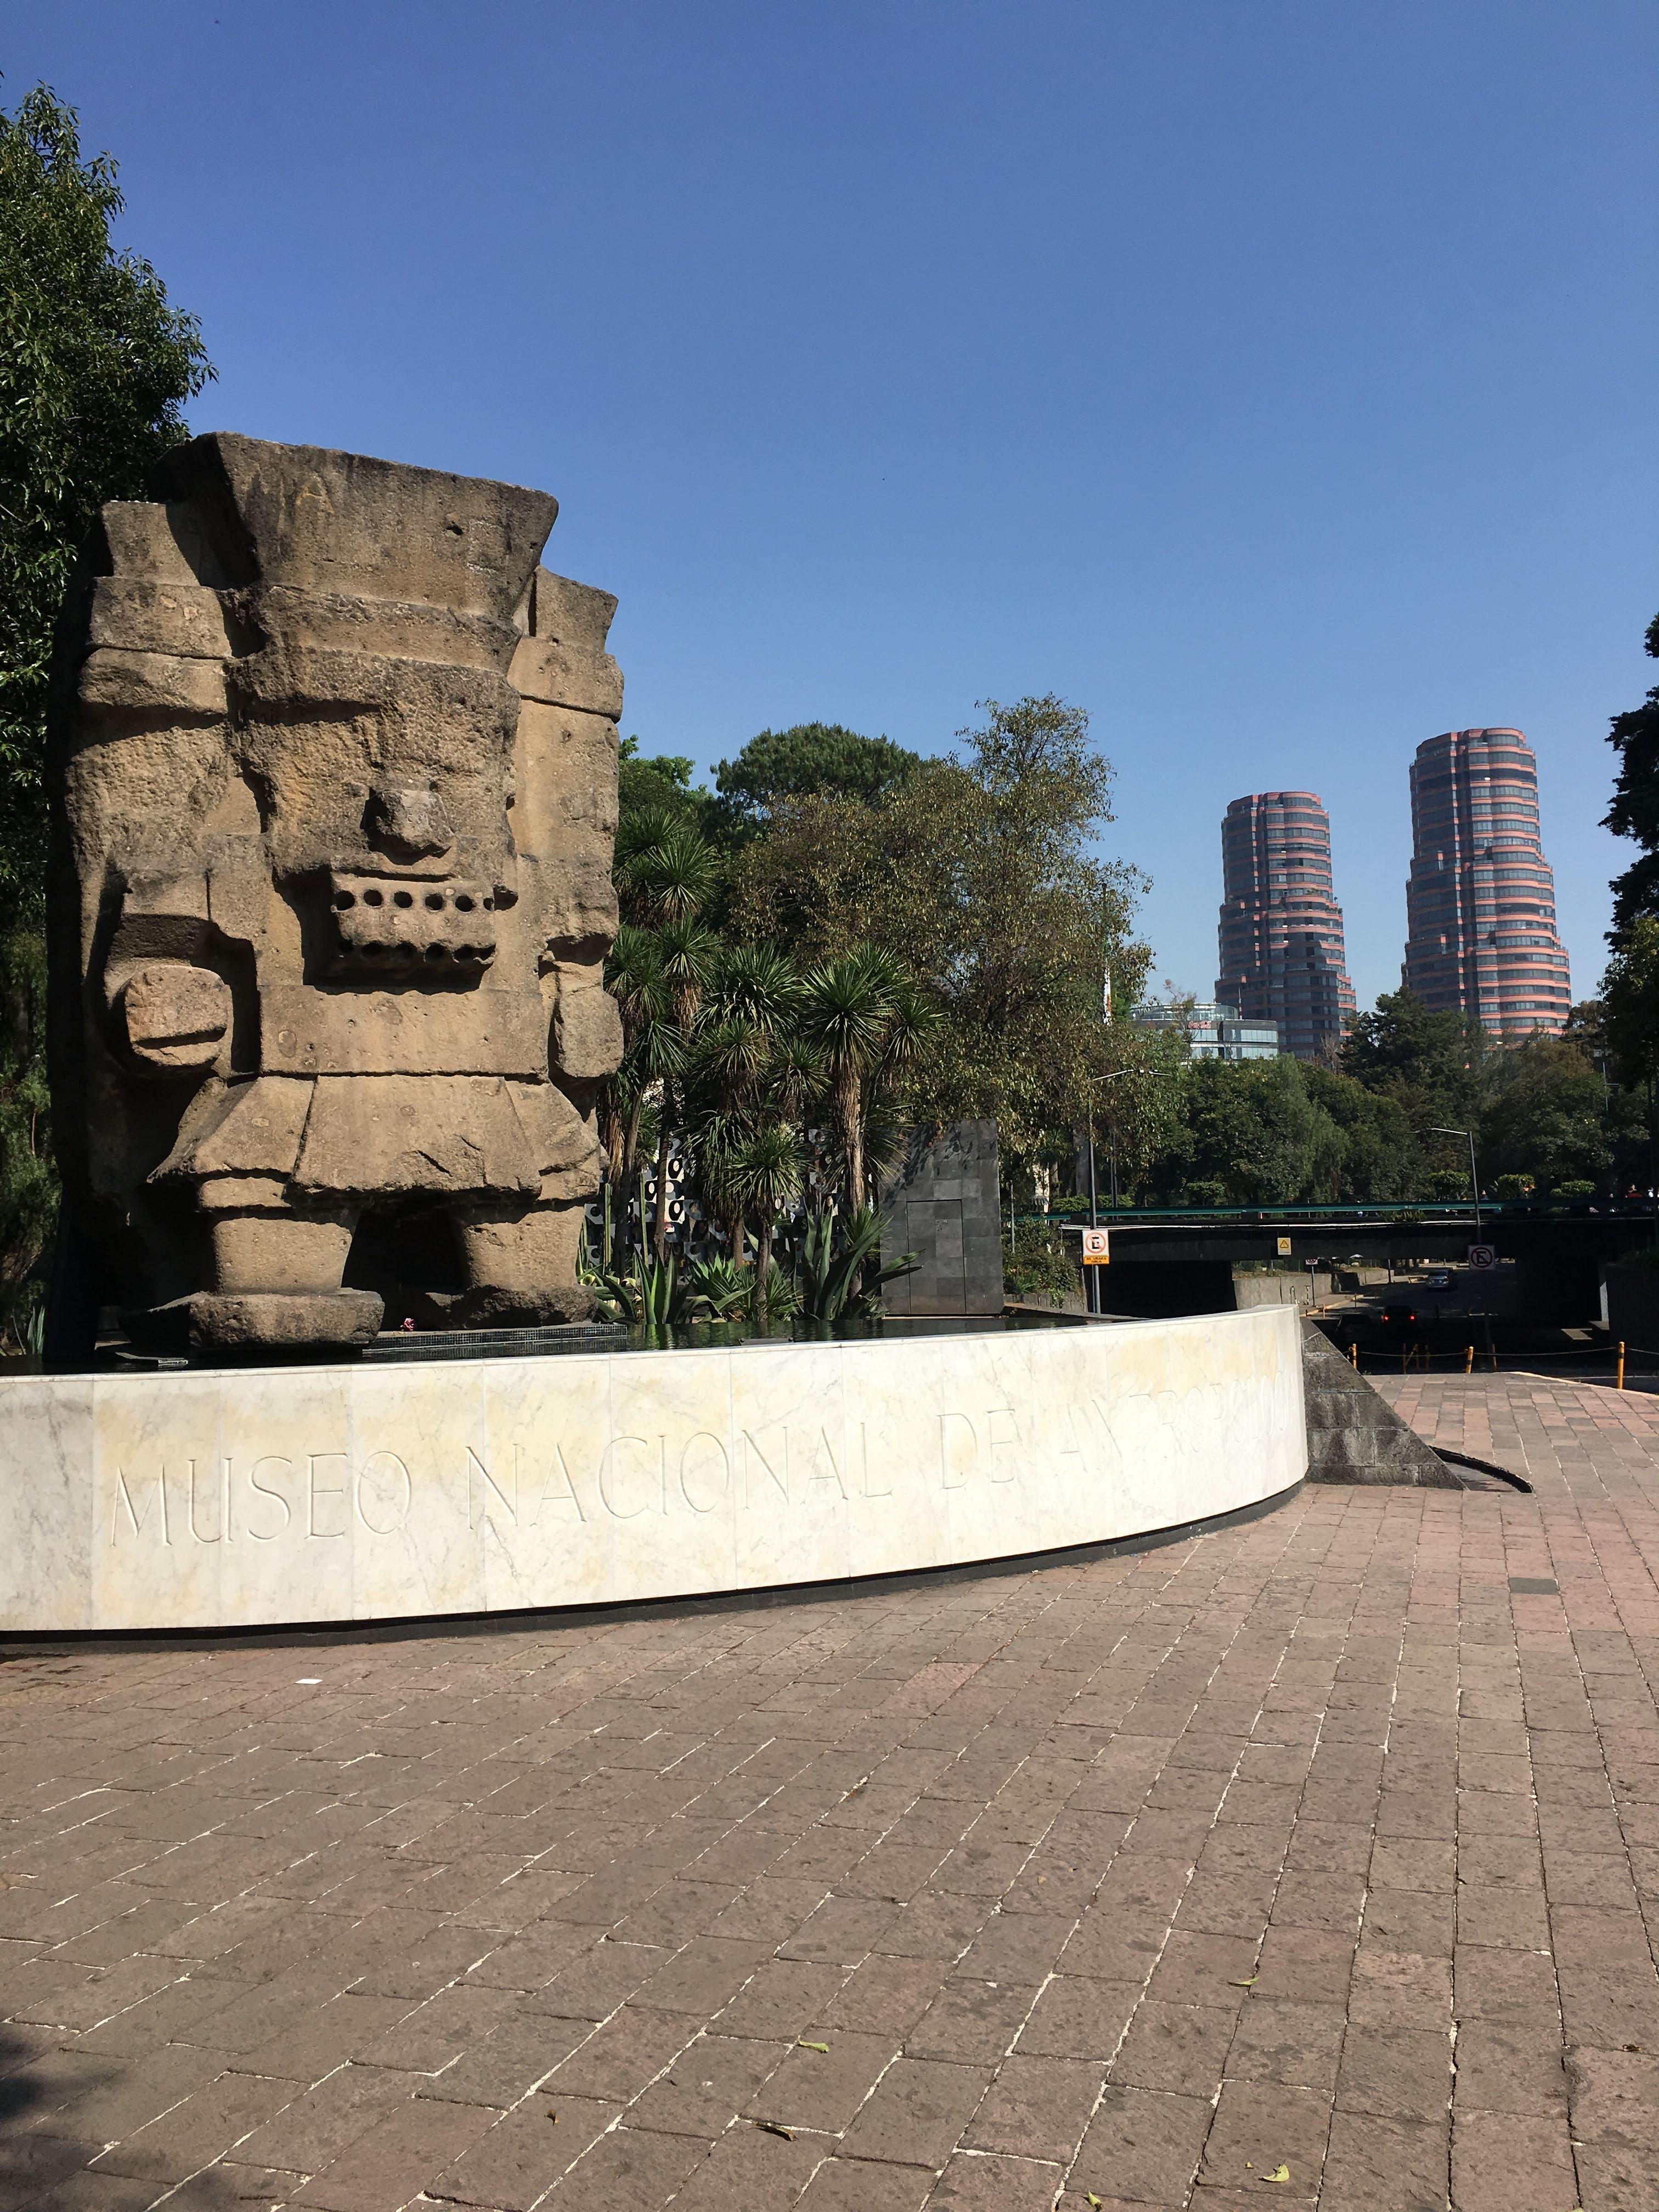 Museo Nacional de Antropología exterior